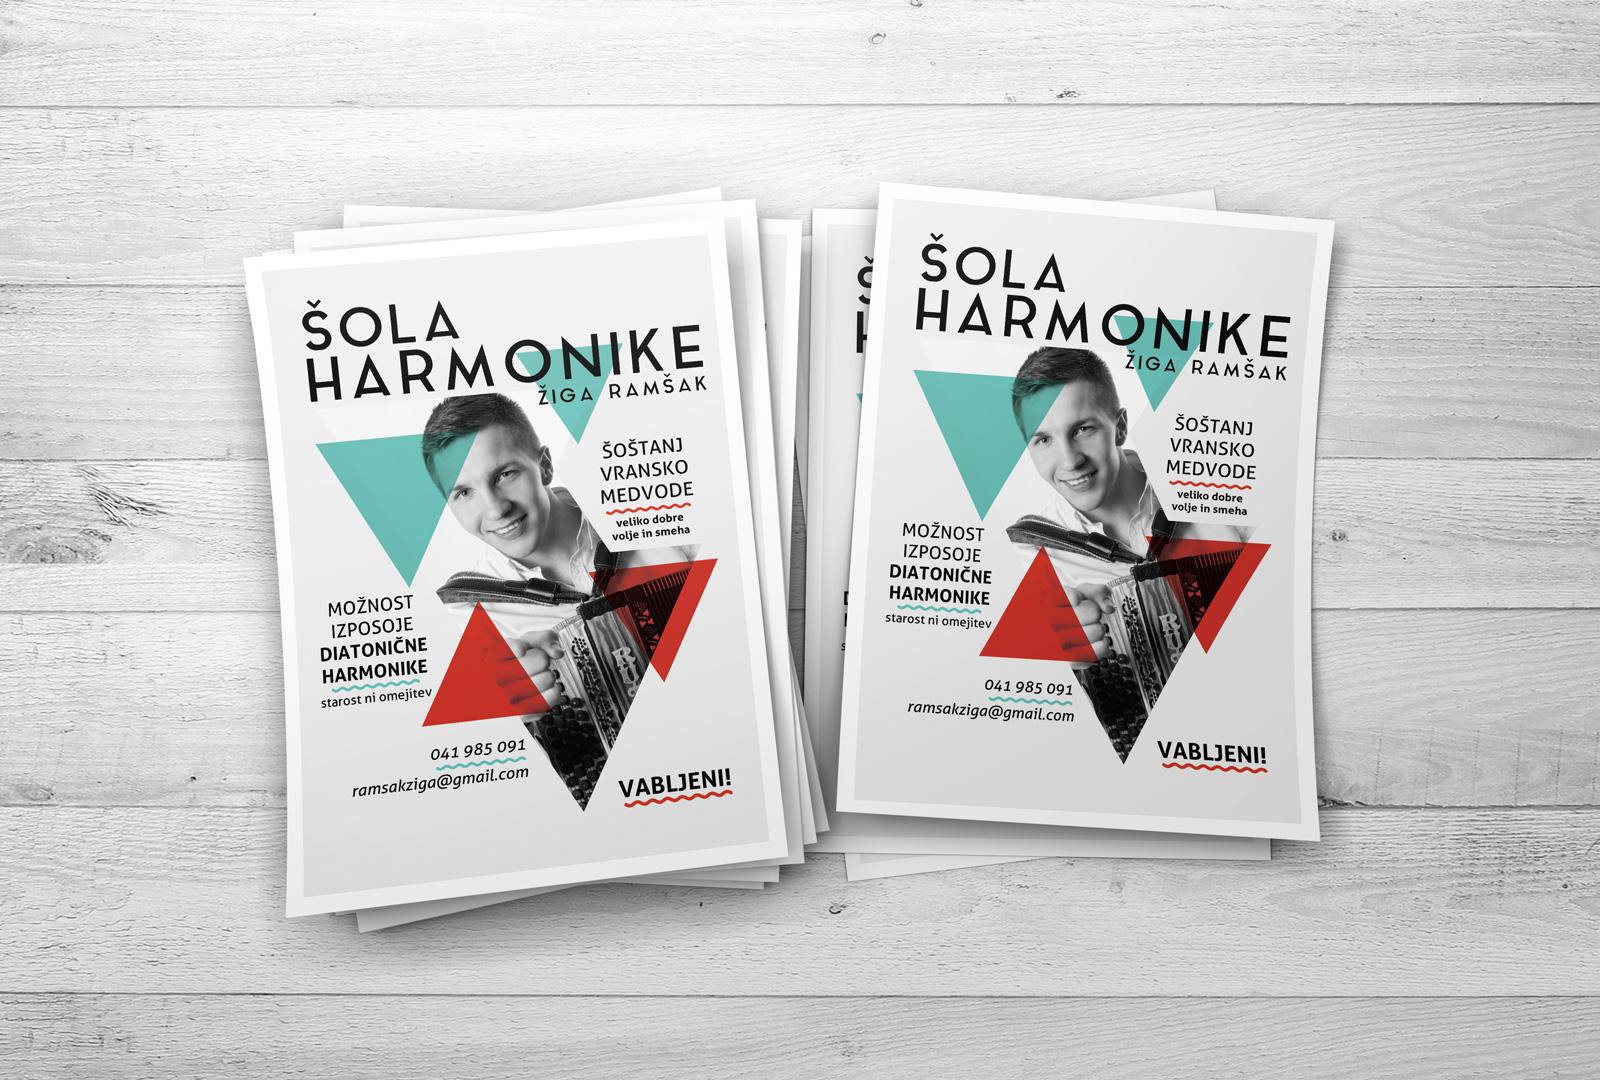 Šola harmonike Žiga Ramšak